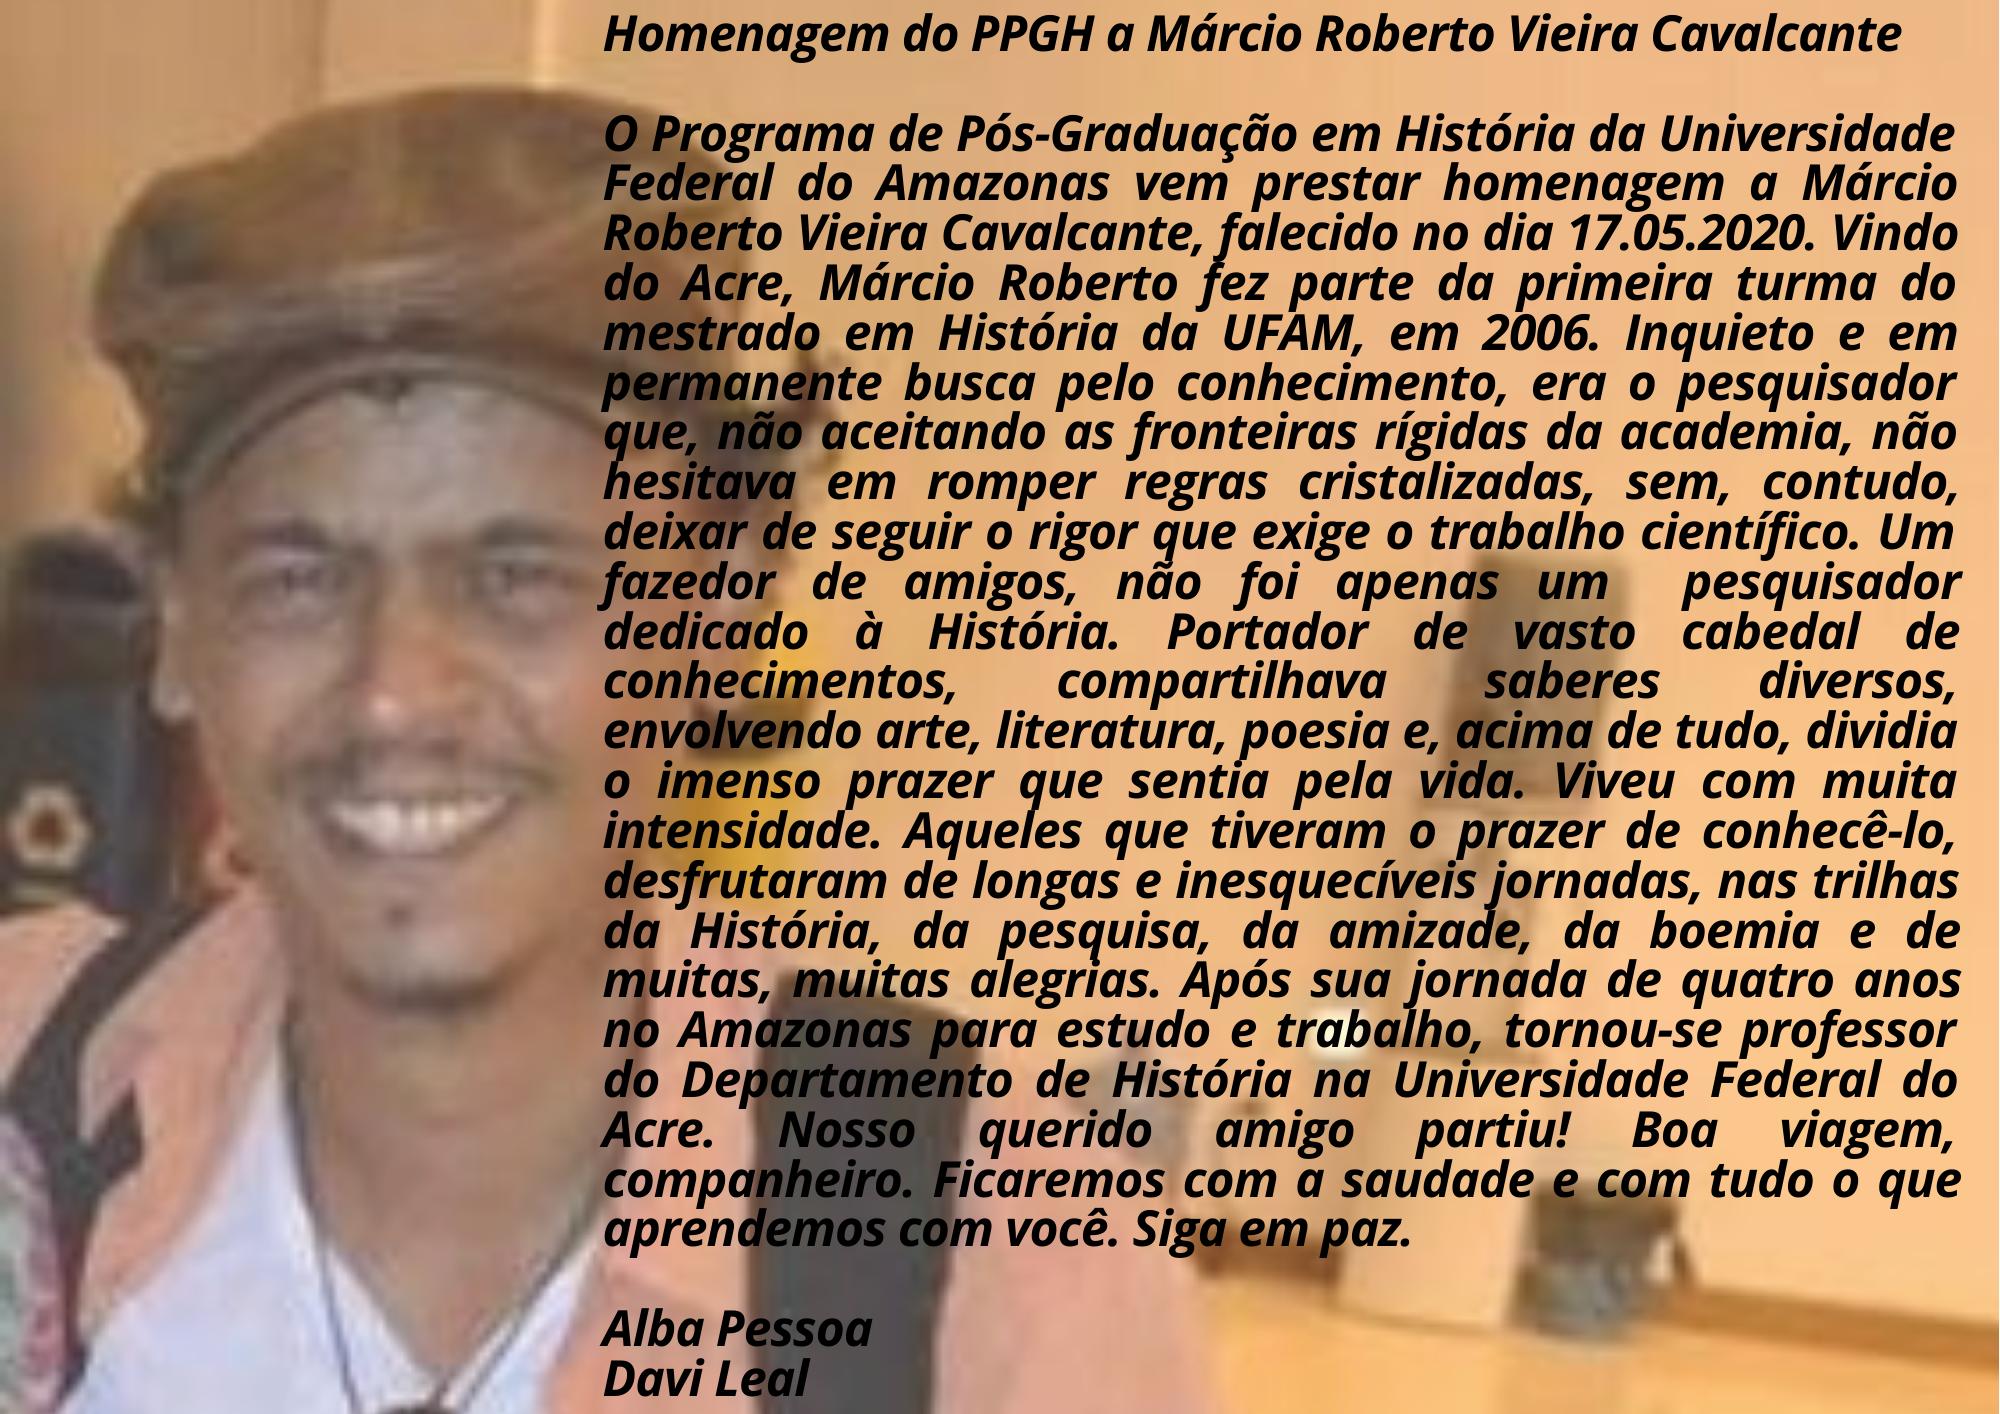 Homenagem do PPGH a Márcio Roberto Vieira Cavalcante